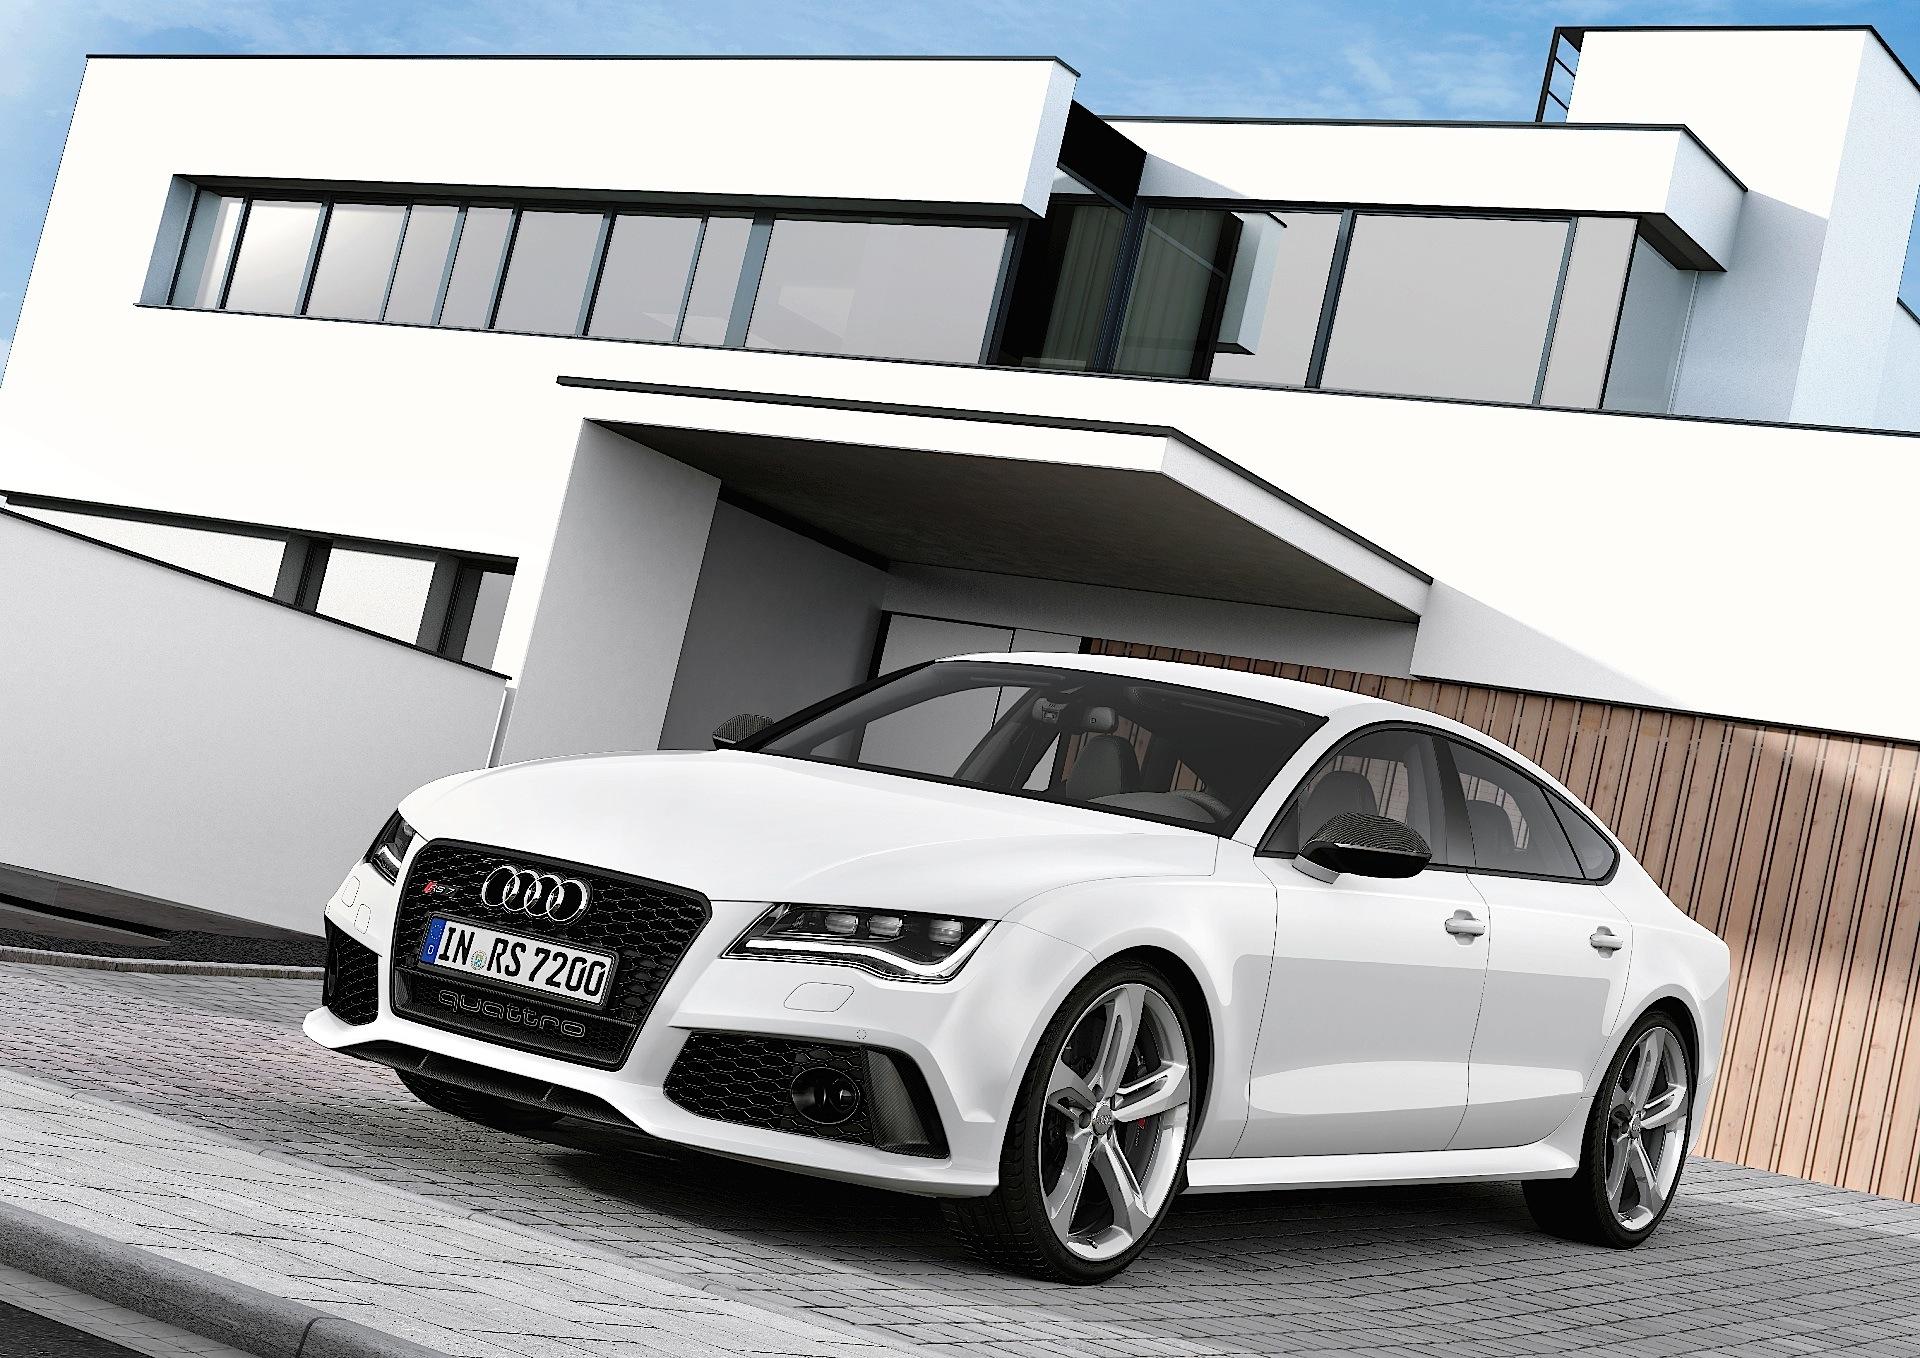 Audi rs7 horsepower 2014 19